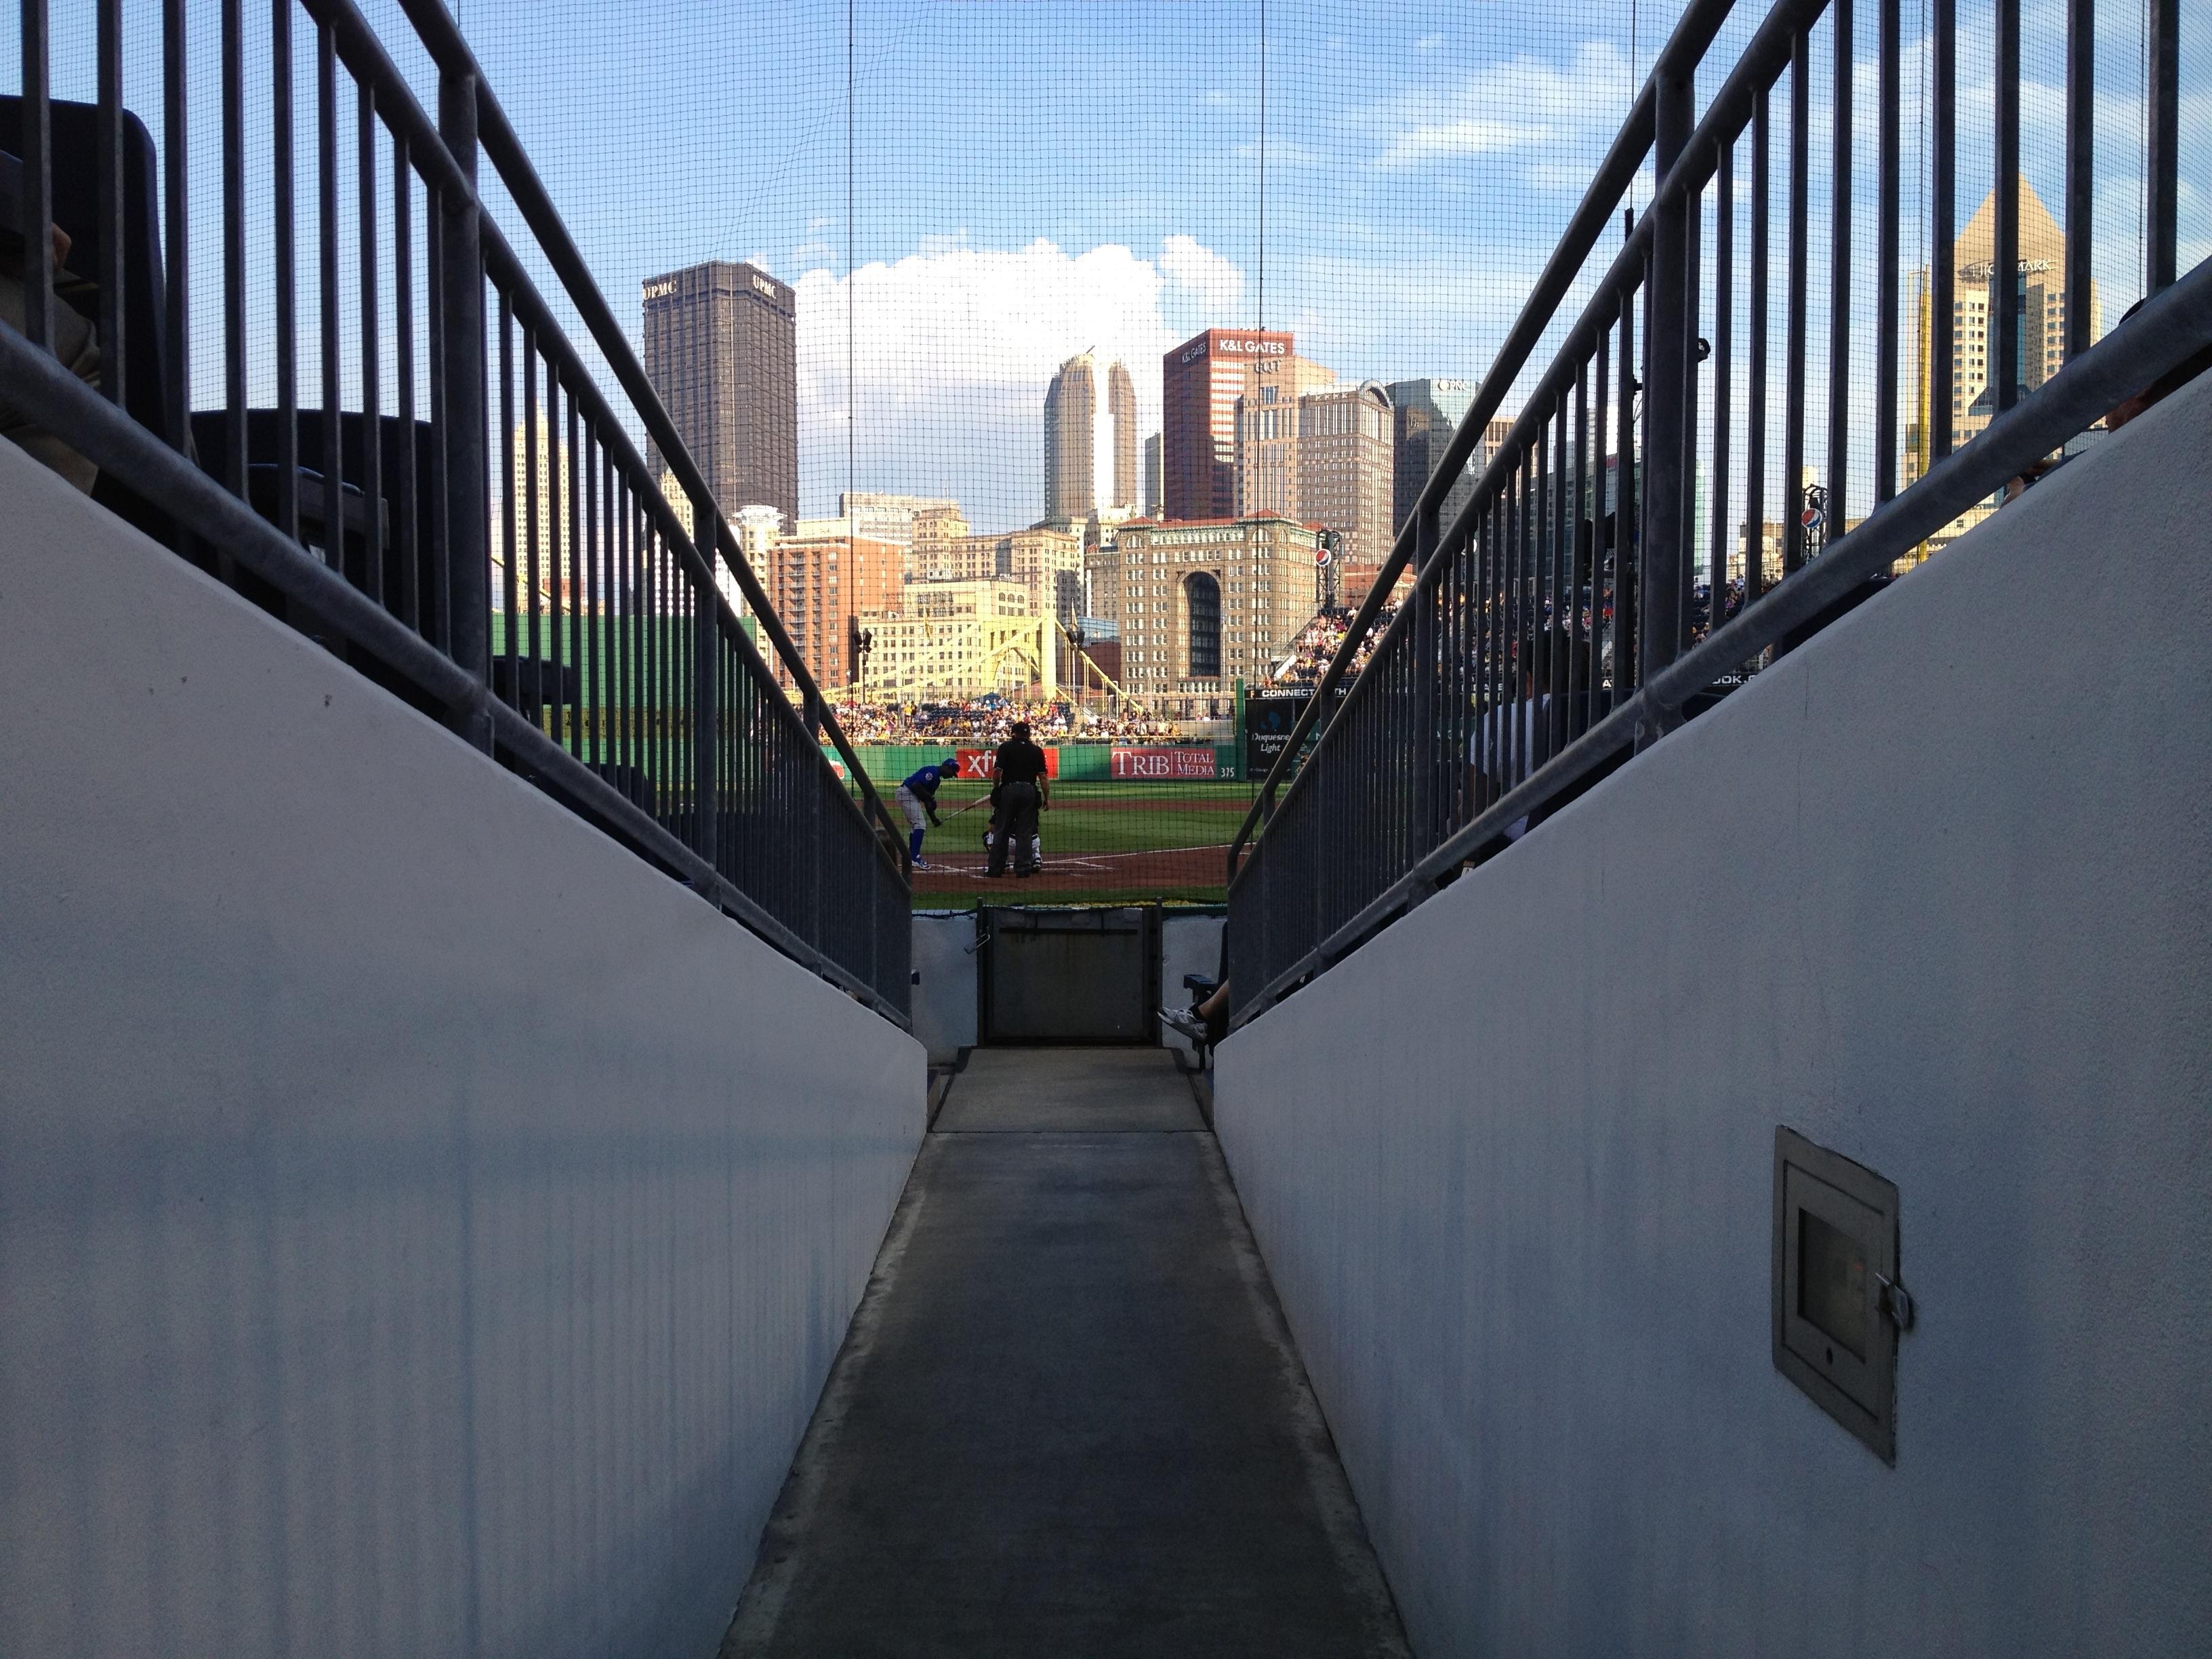 Pirate Stadium